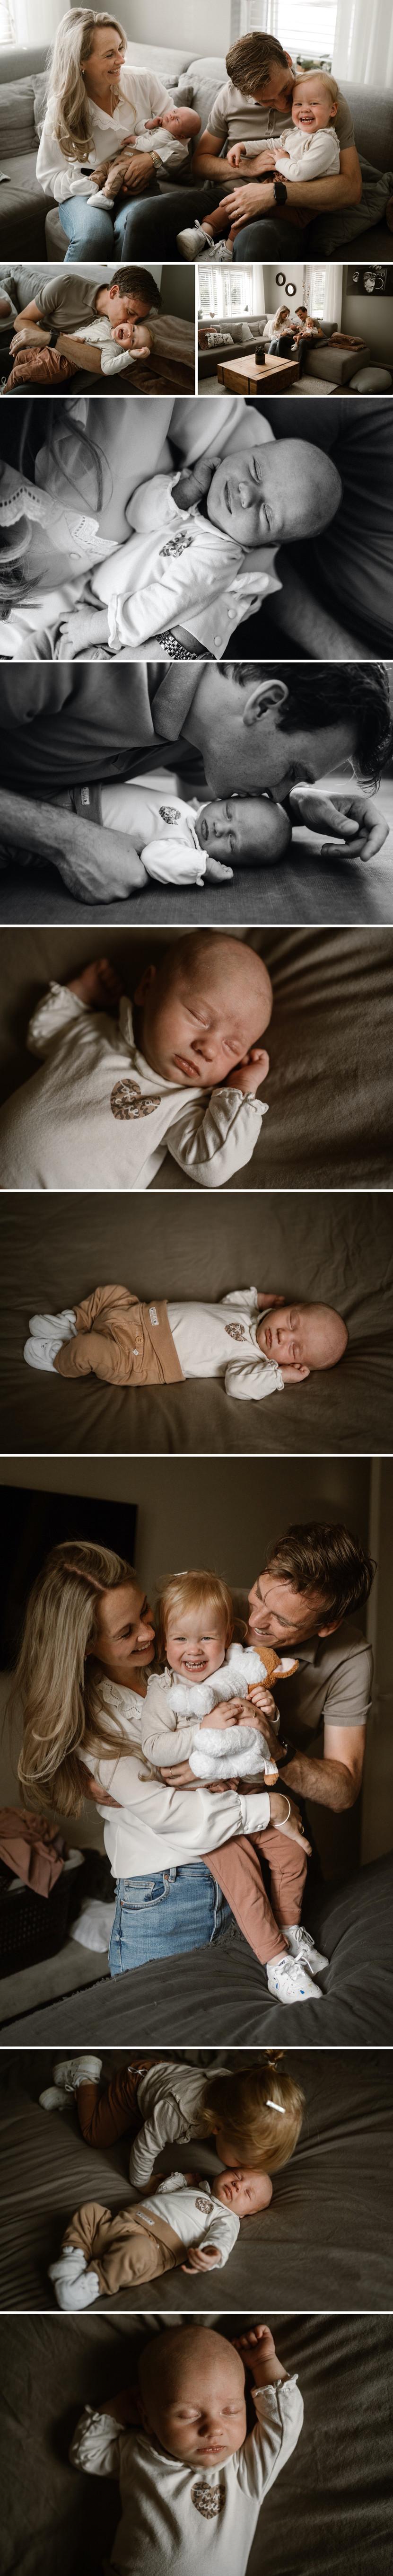 Newbornshoot1_StancePhotography.jpg